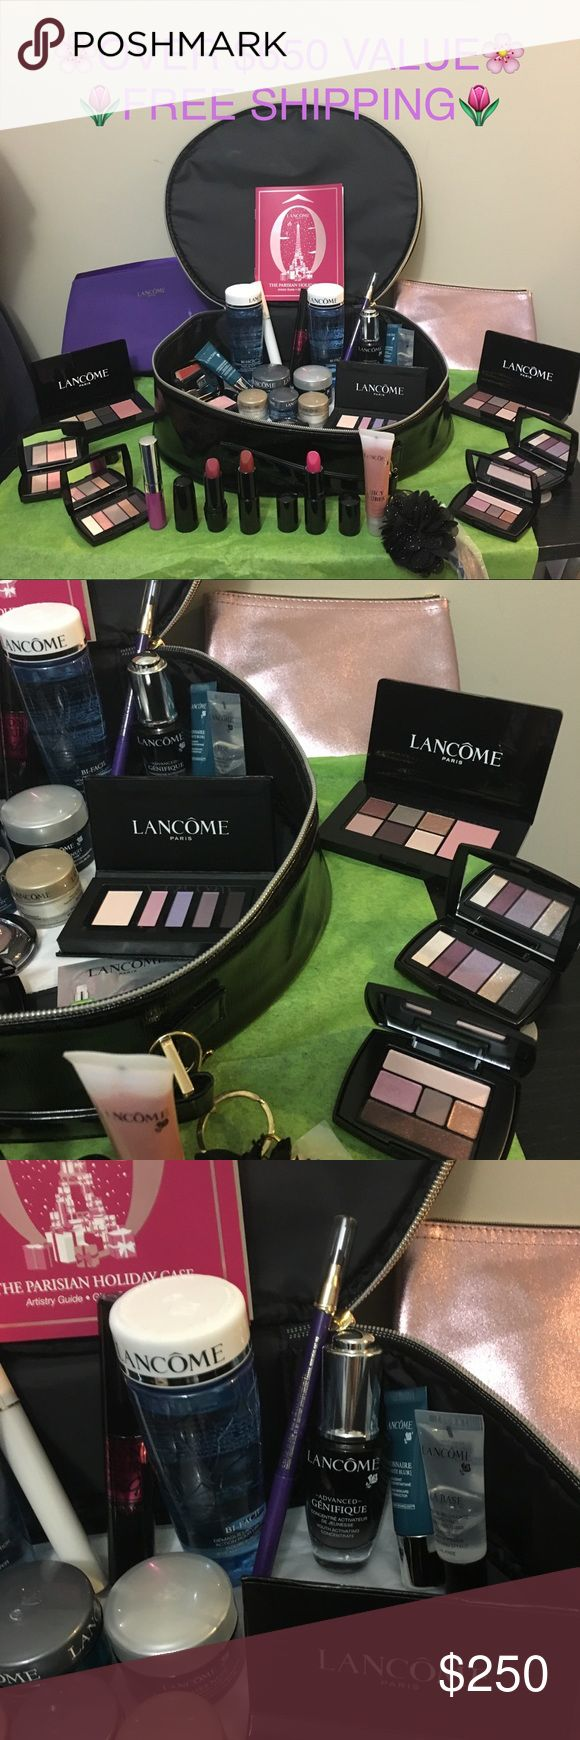 High End Lancôme Makeup Bundle New Lancôme Makeup And